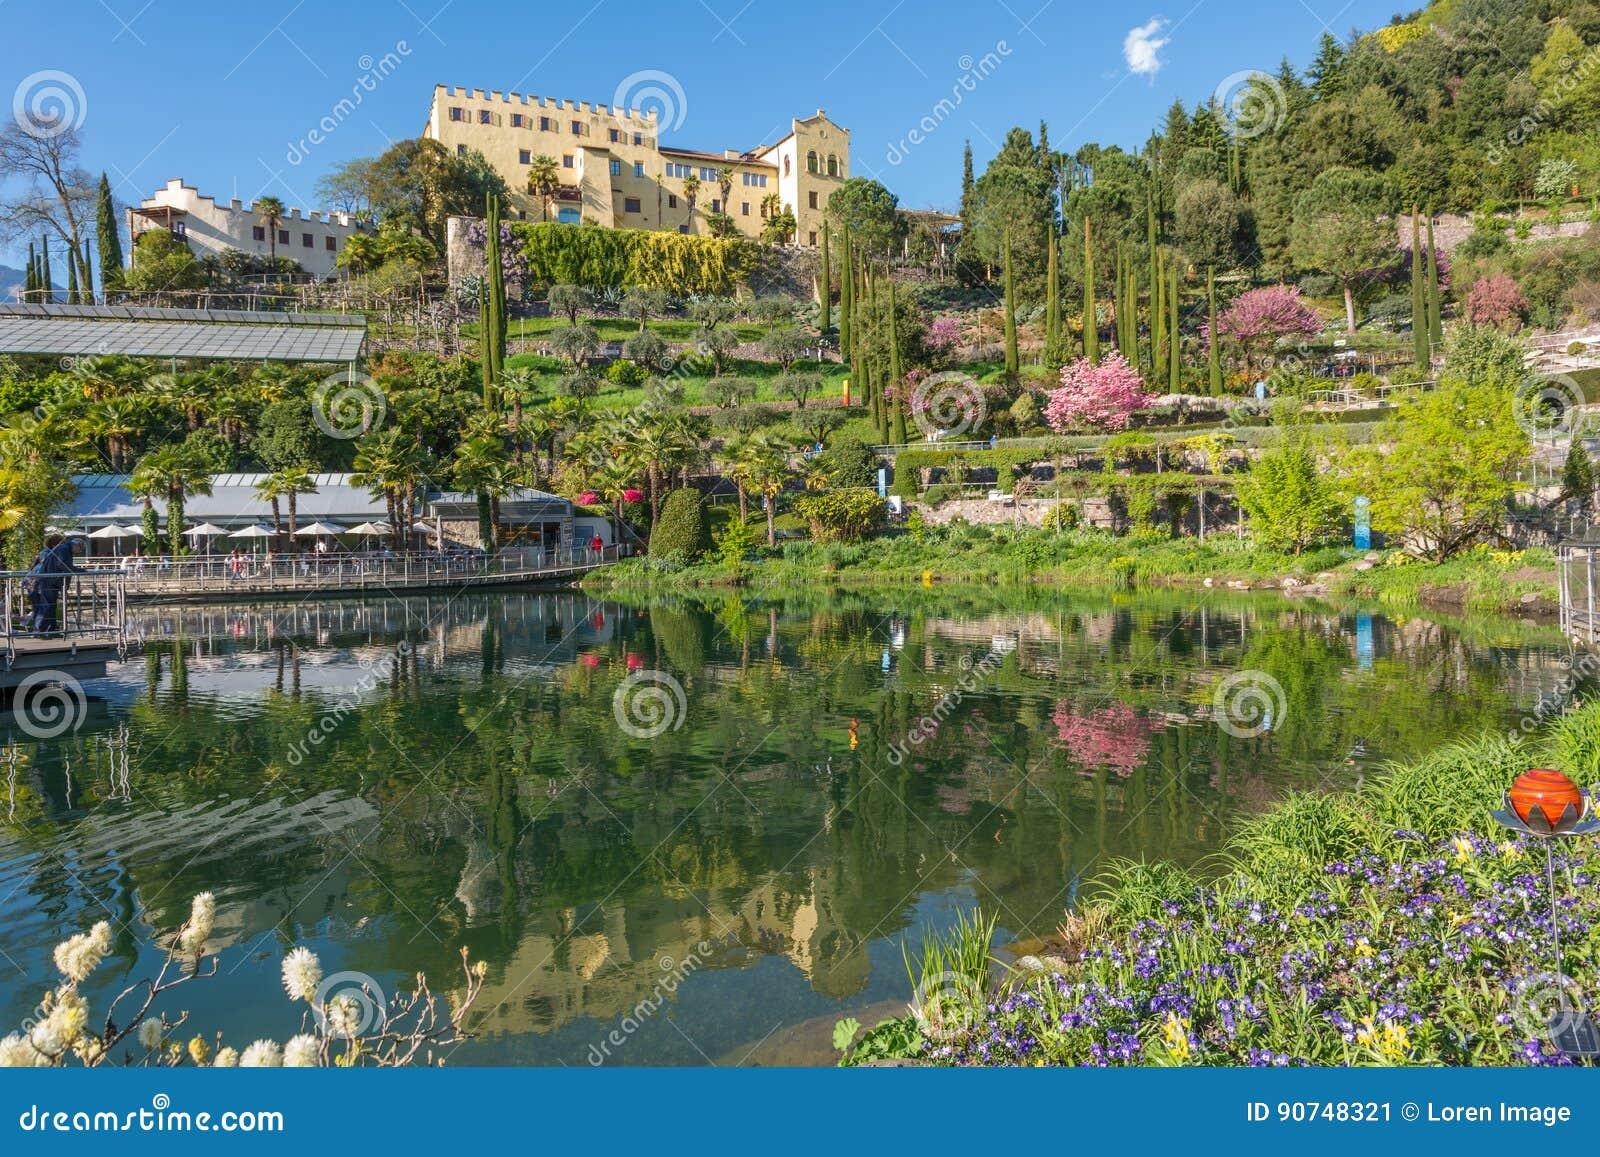 Οι βοτανικοί κήποι Trauttmansdorff Castle, Merano, νότιο Τύρολο, Ιταλία,